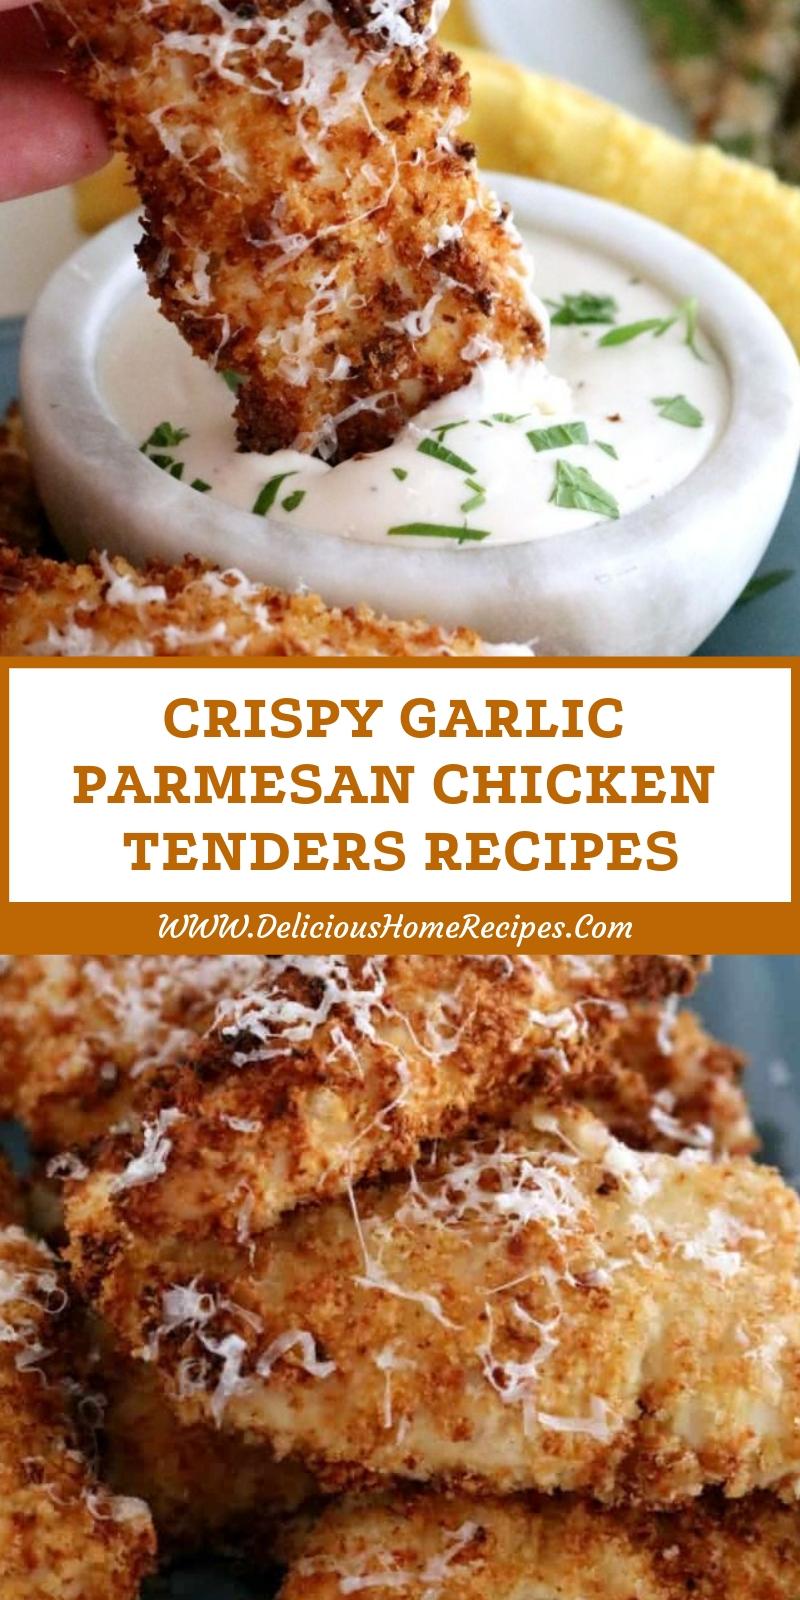 Crispy Garlic Parmesan Chicken Tenders Recipes